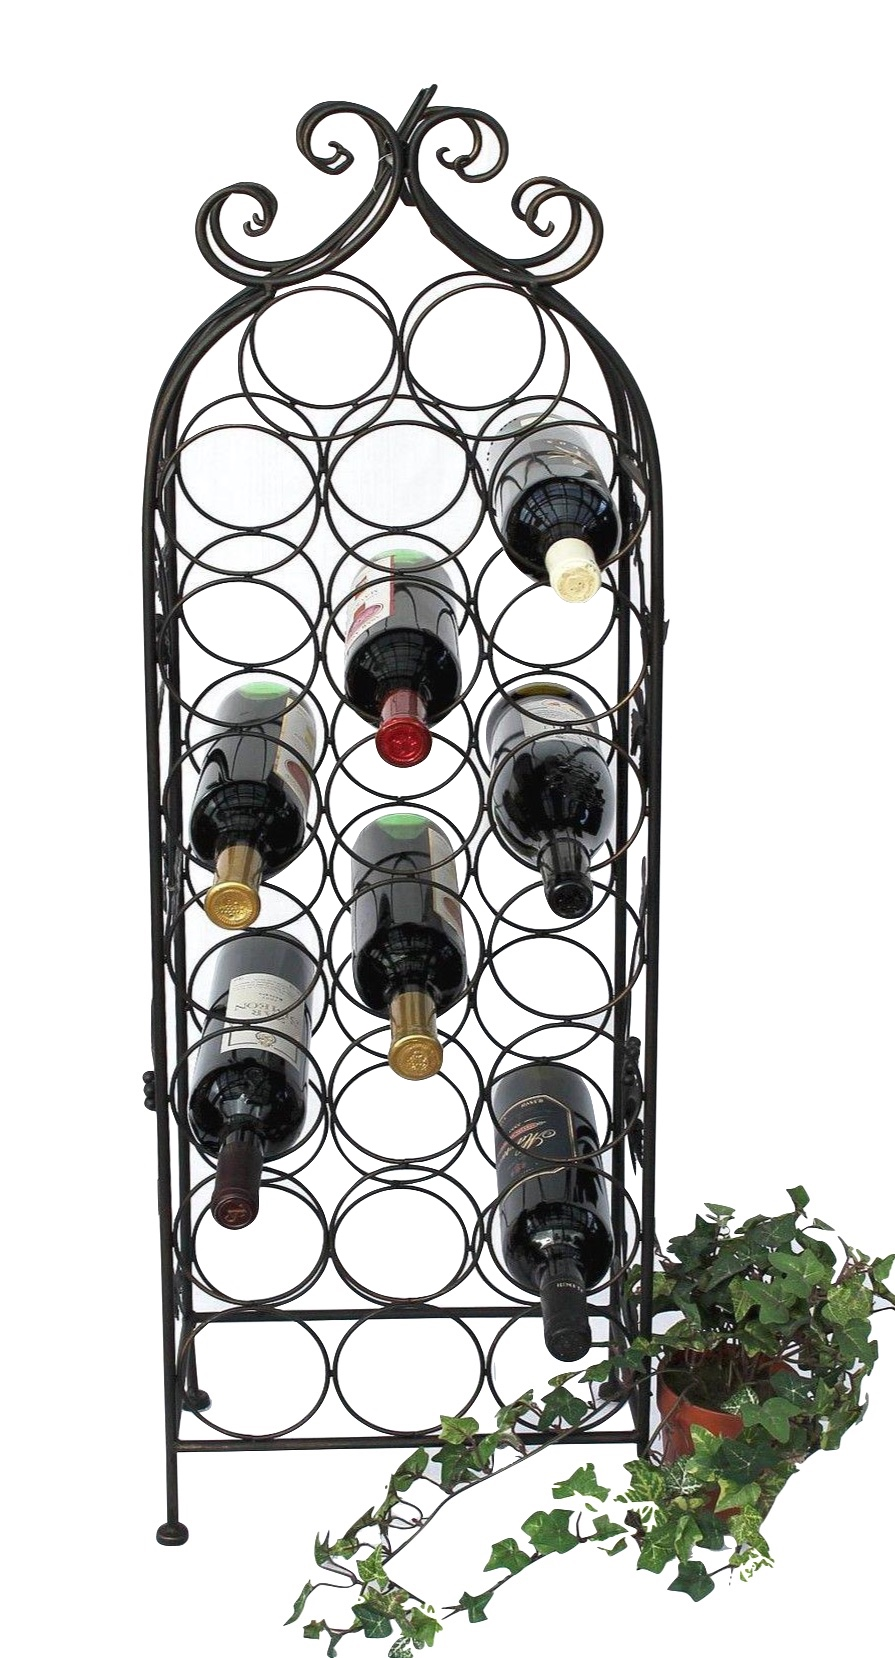 Weinregal Metall Schwarz 100 Cm Jd130665 Flaschenregal Flaschenhalter Weinstander Weinschrank Weinflaschenhalter Vintage Dandibo